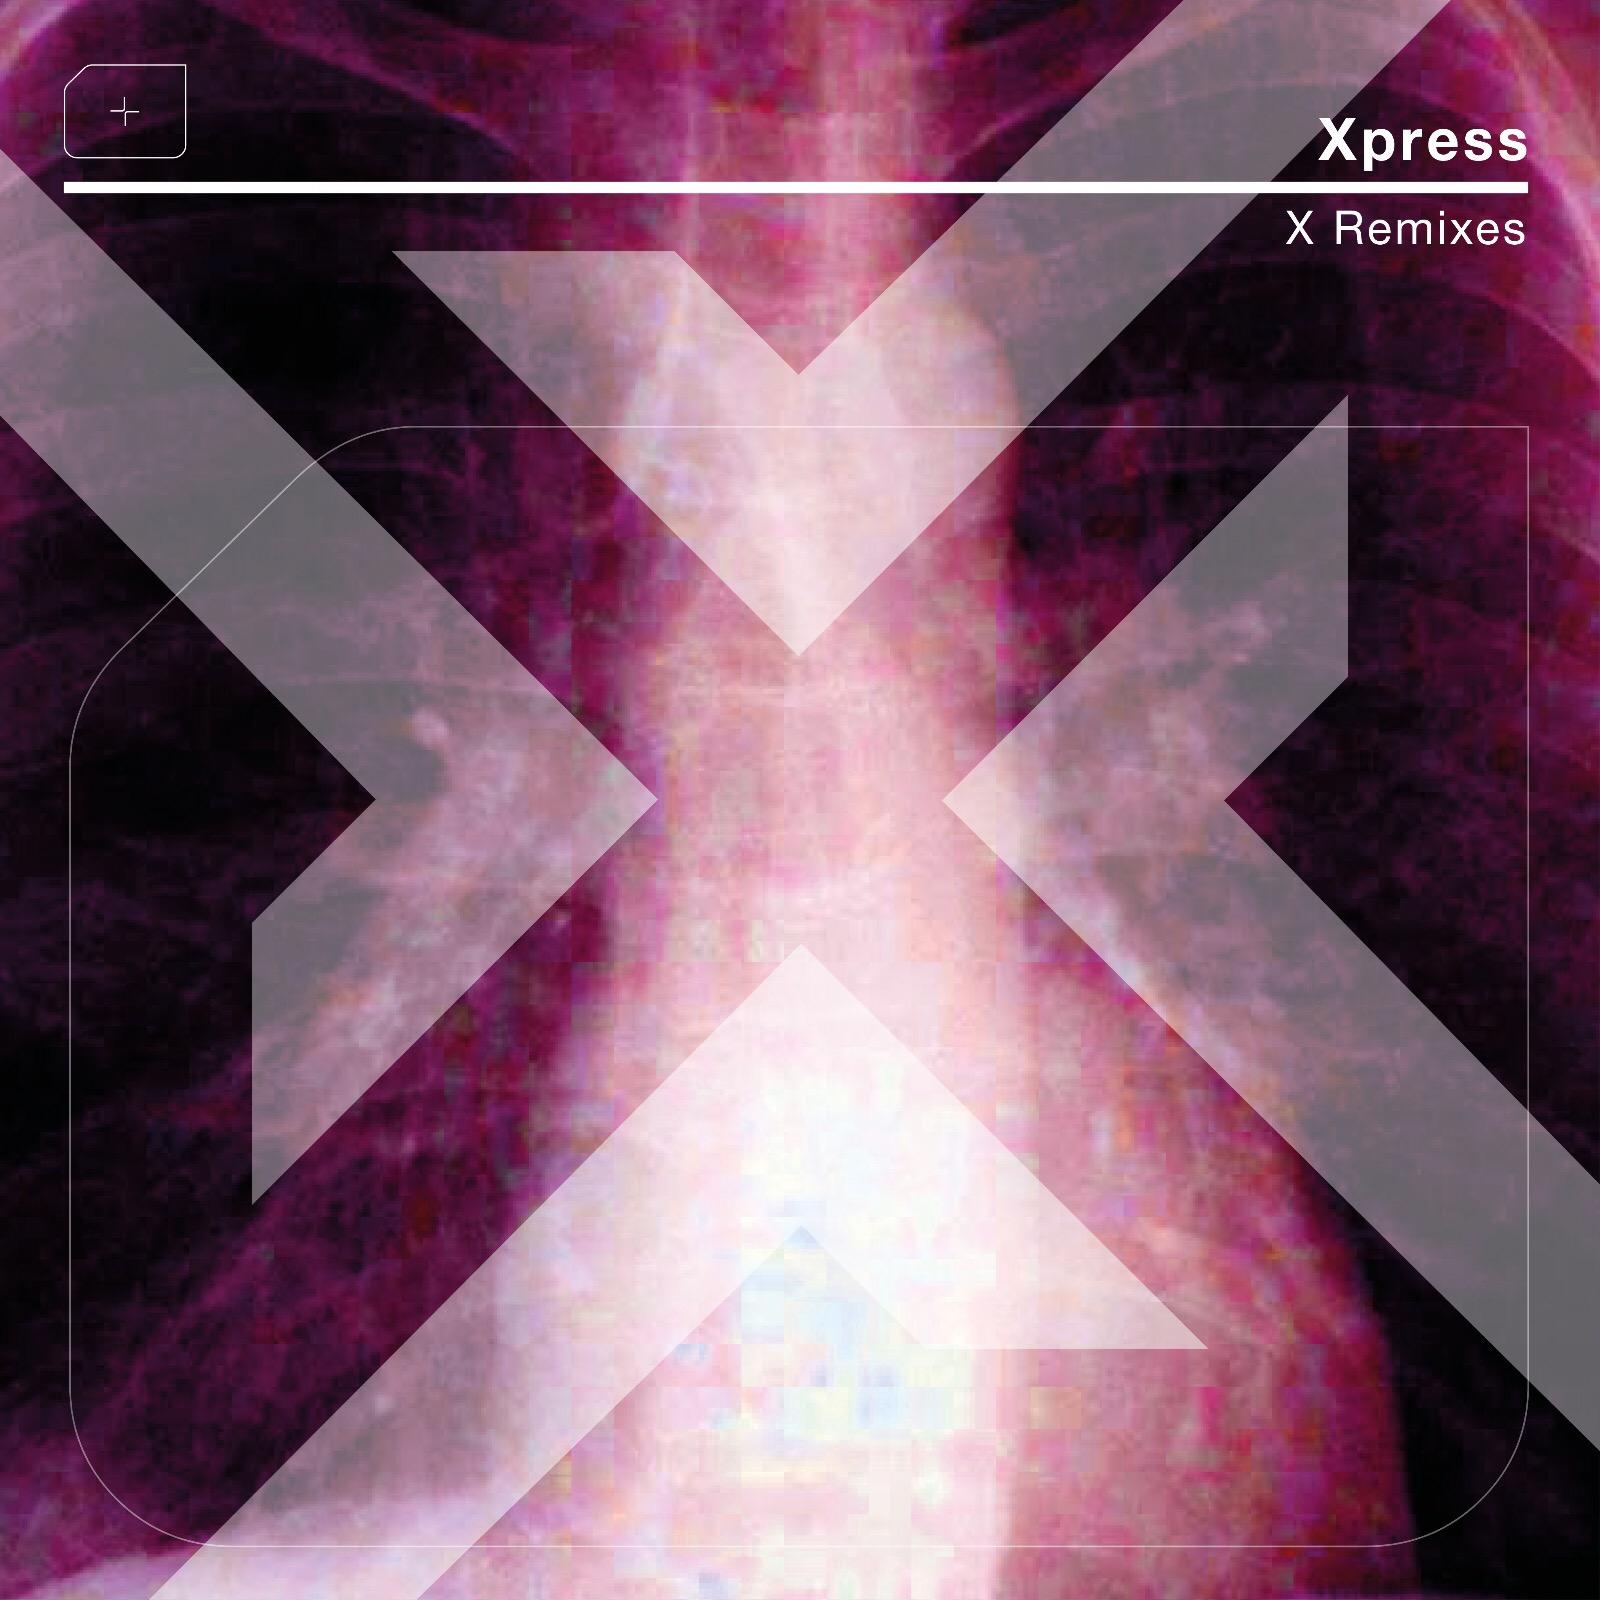 DMP008 - Xpress- X remixes